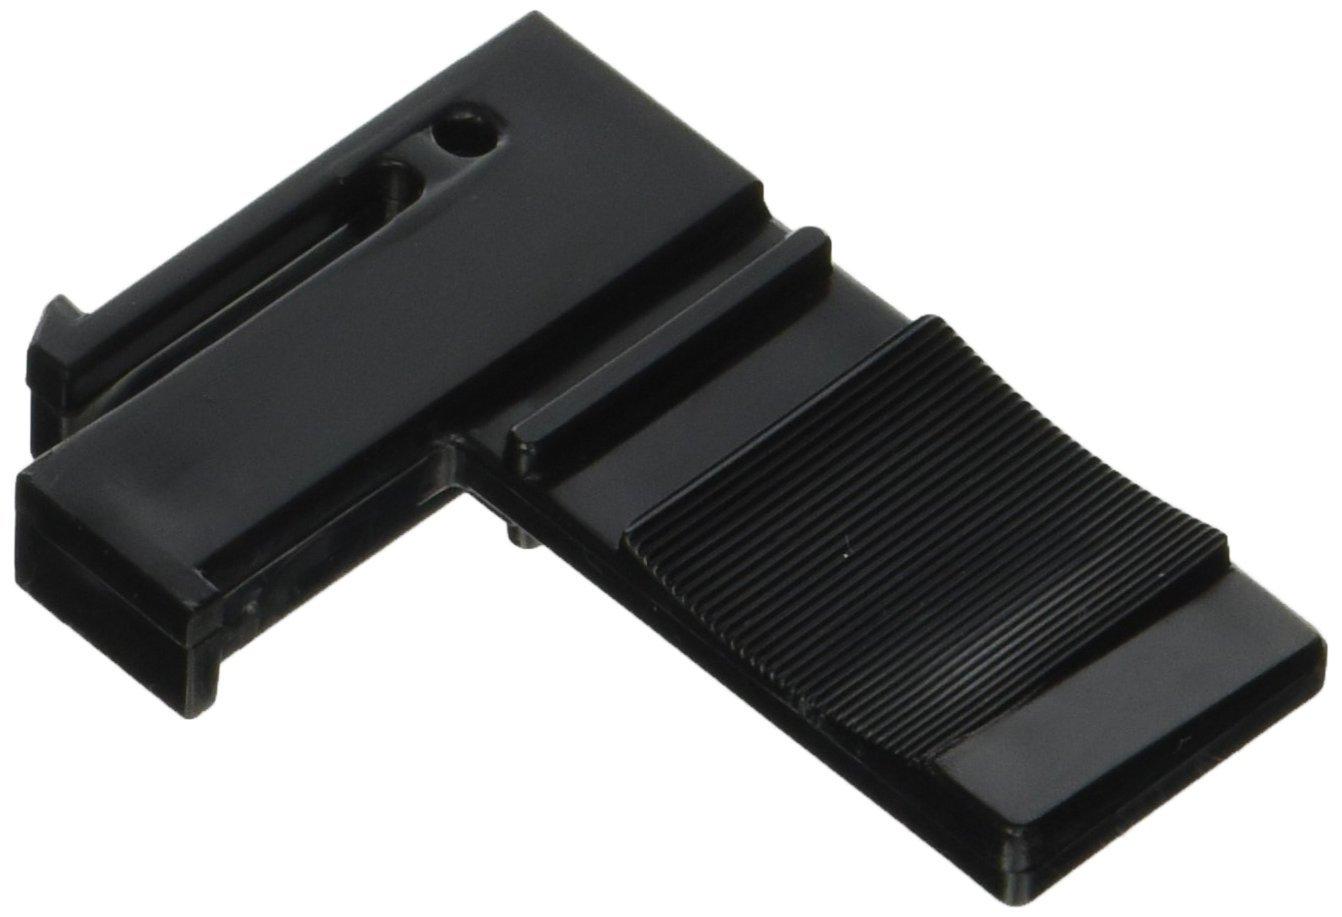 Hayward CX400D Anello di bloccaggio Fermo di Ricambio per Select filtri